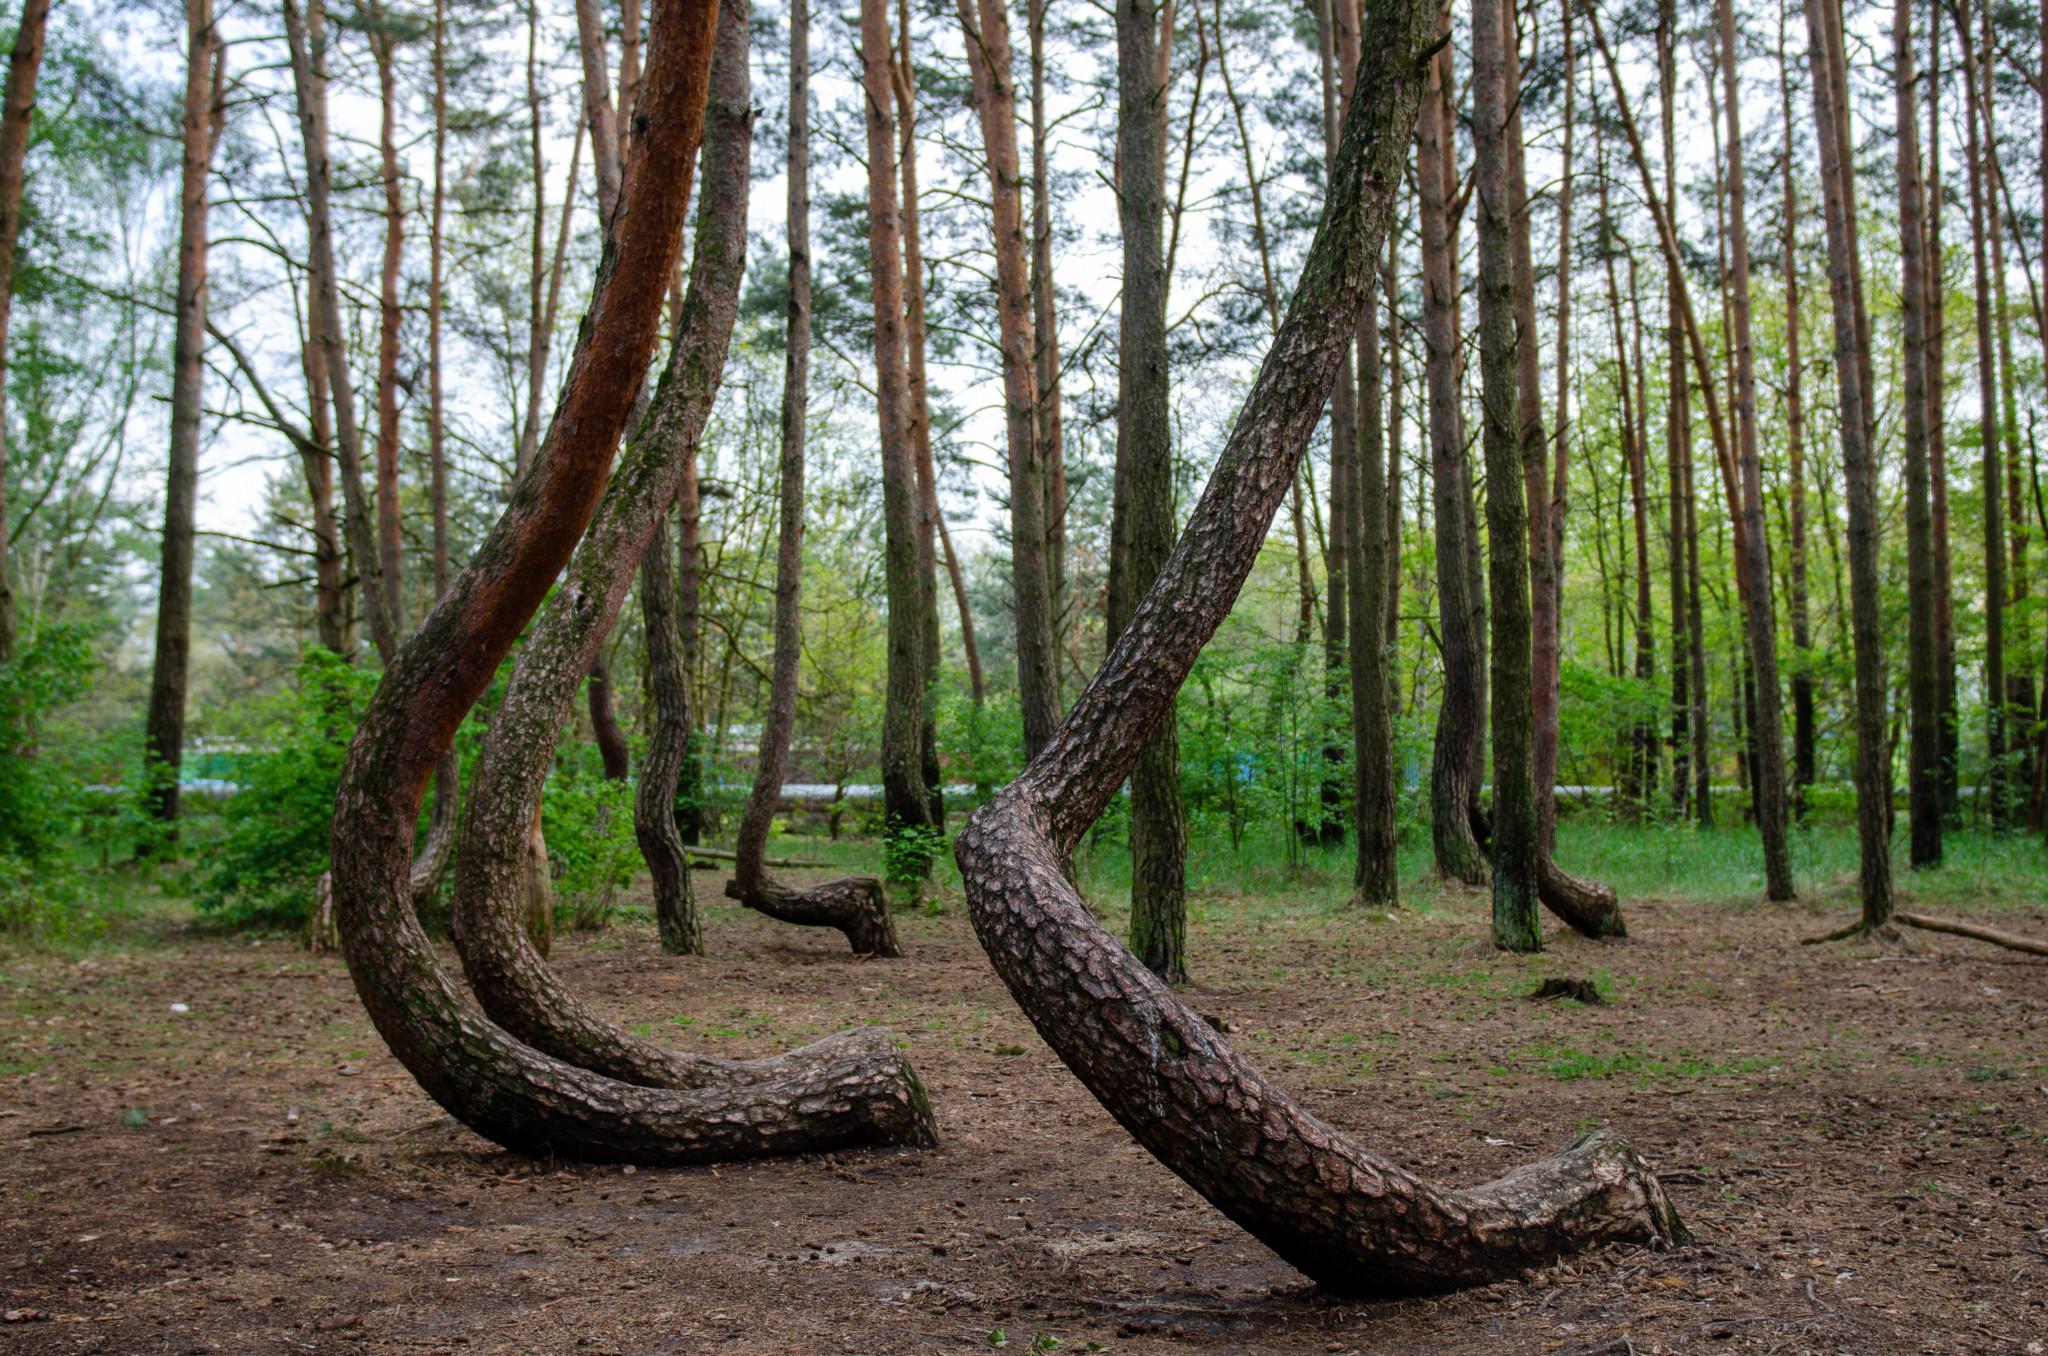 Der Krumme Wald in Gryfino ist definitiv ein sehenswertes Ausflugsziel ab Berlin